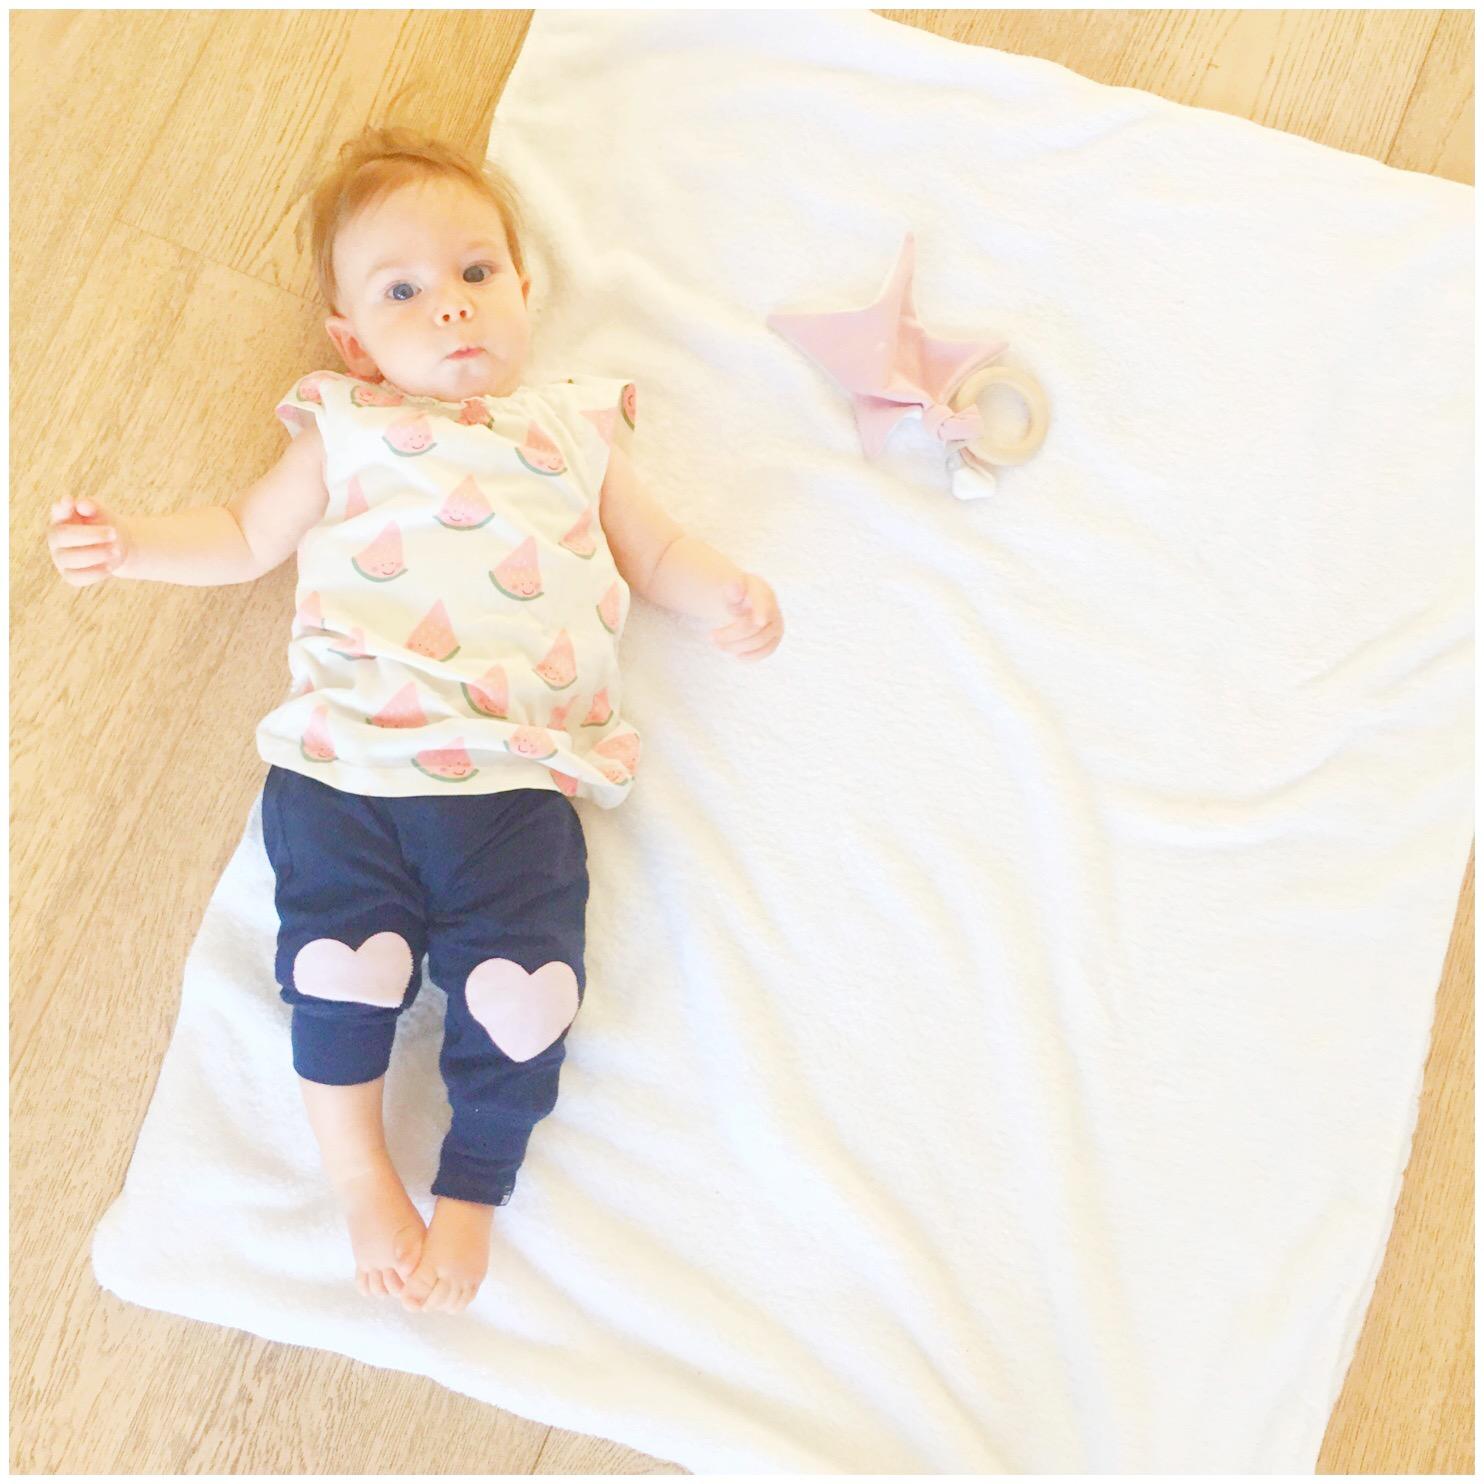 Baby Rug Naar Buik Draaien: Foto Weekoverzicht Judith #32